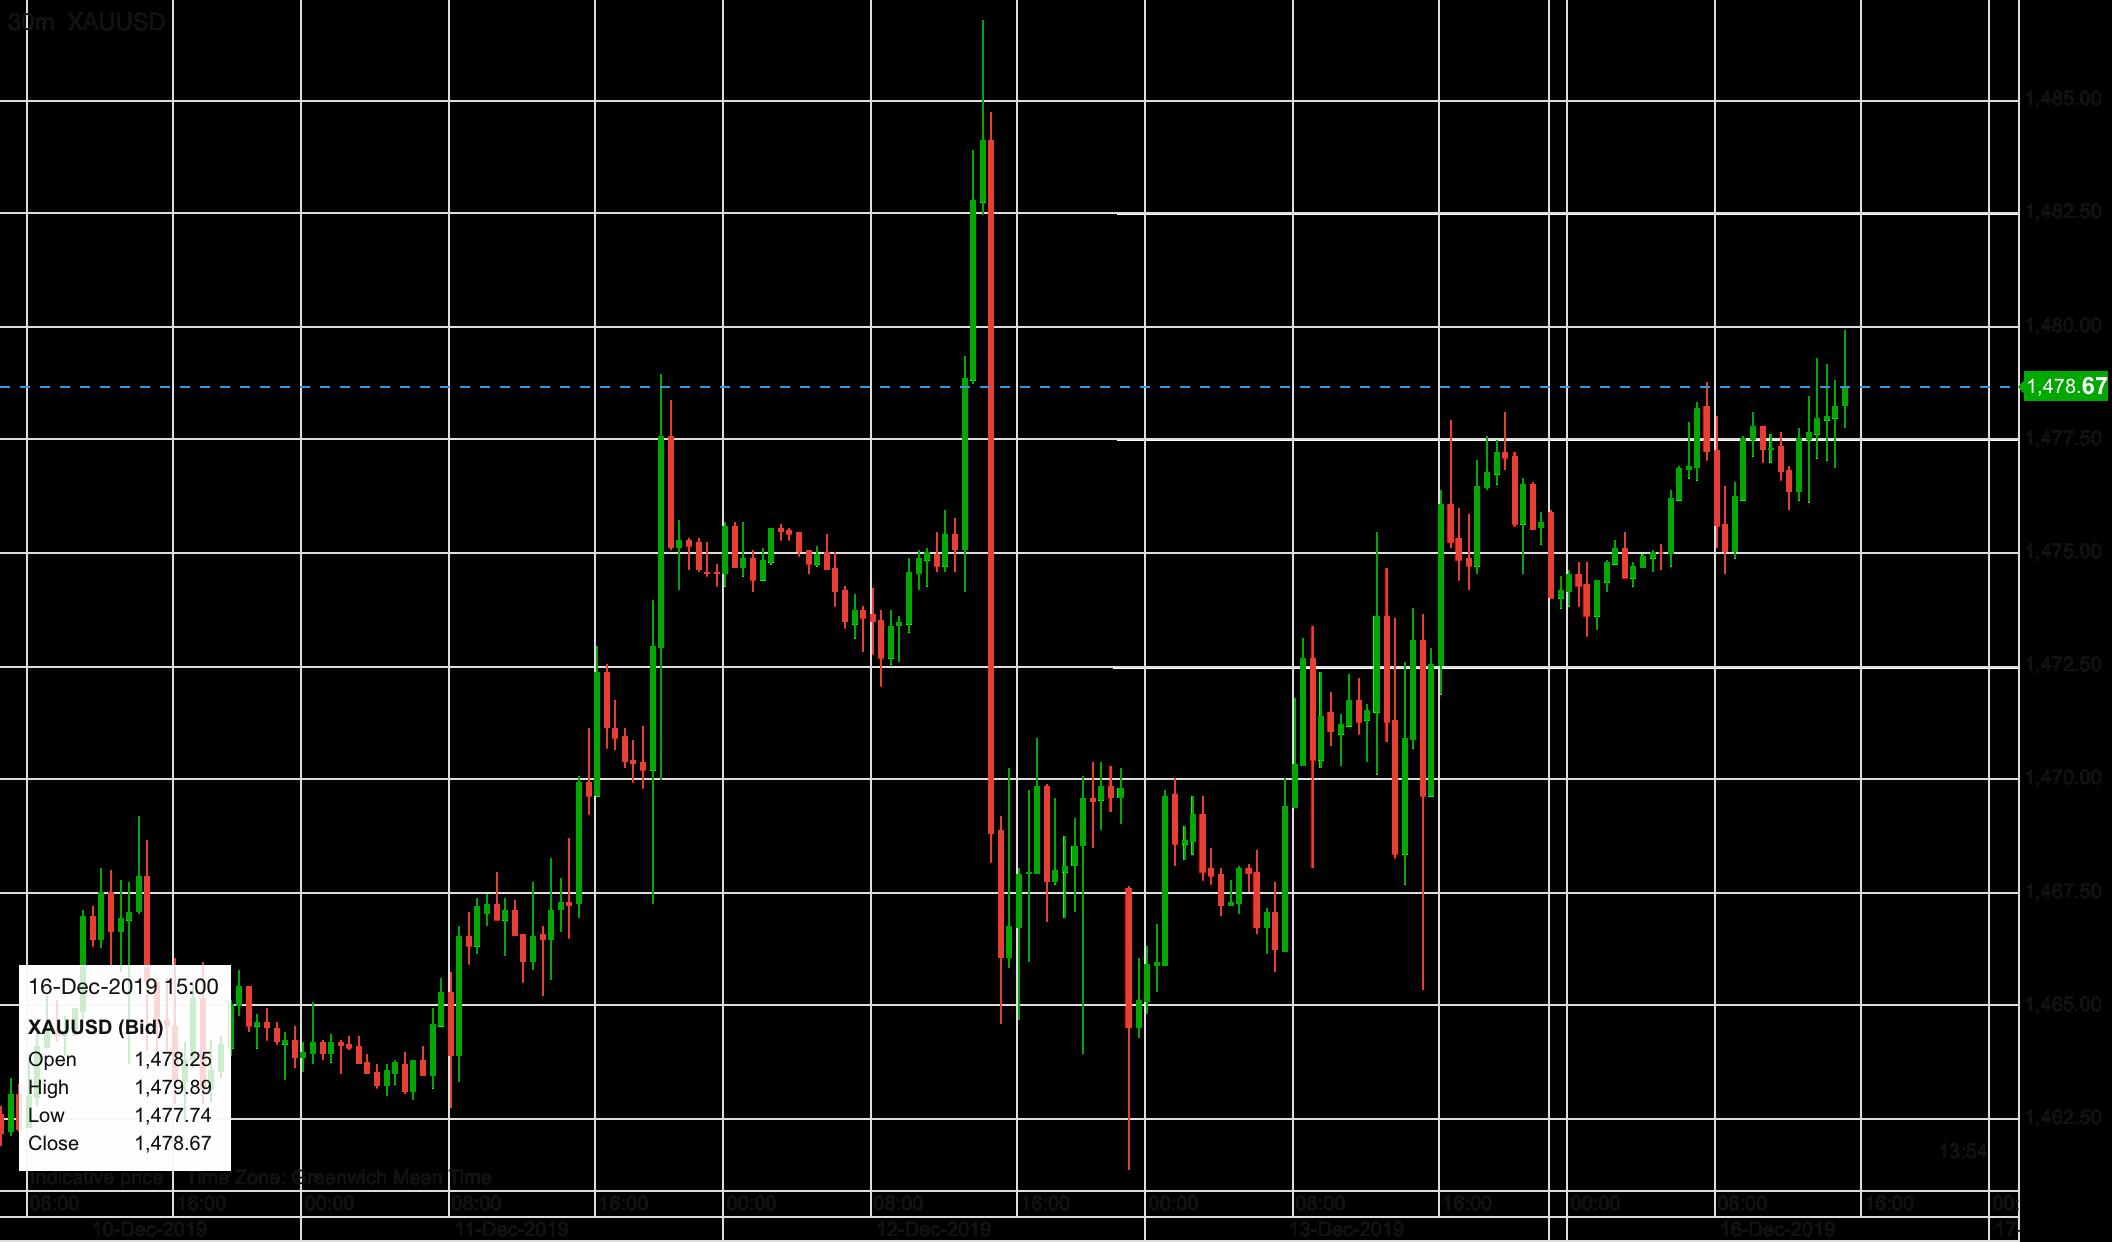 Goldpreis im Verlauf der letzten fünf Tage